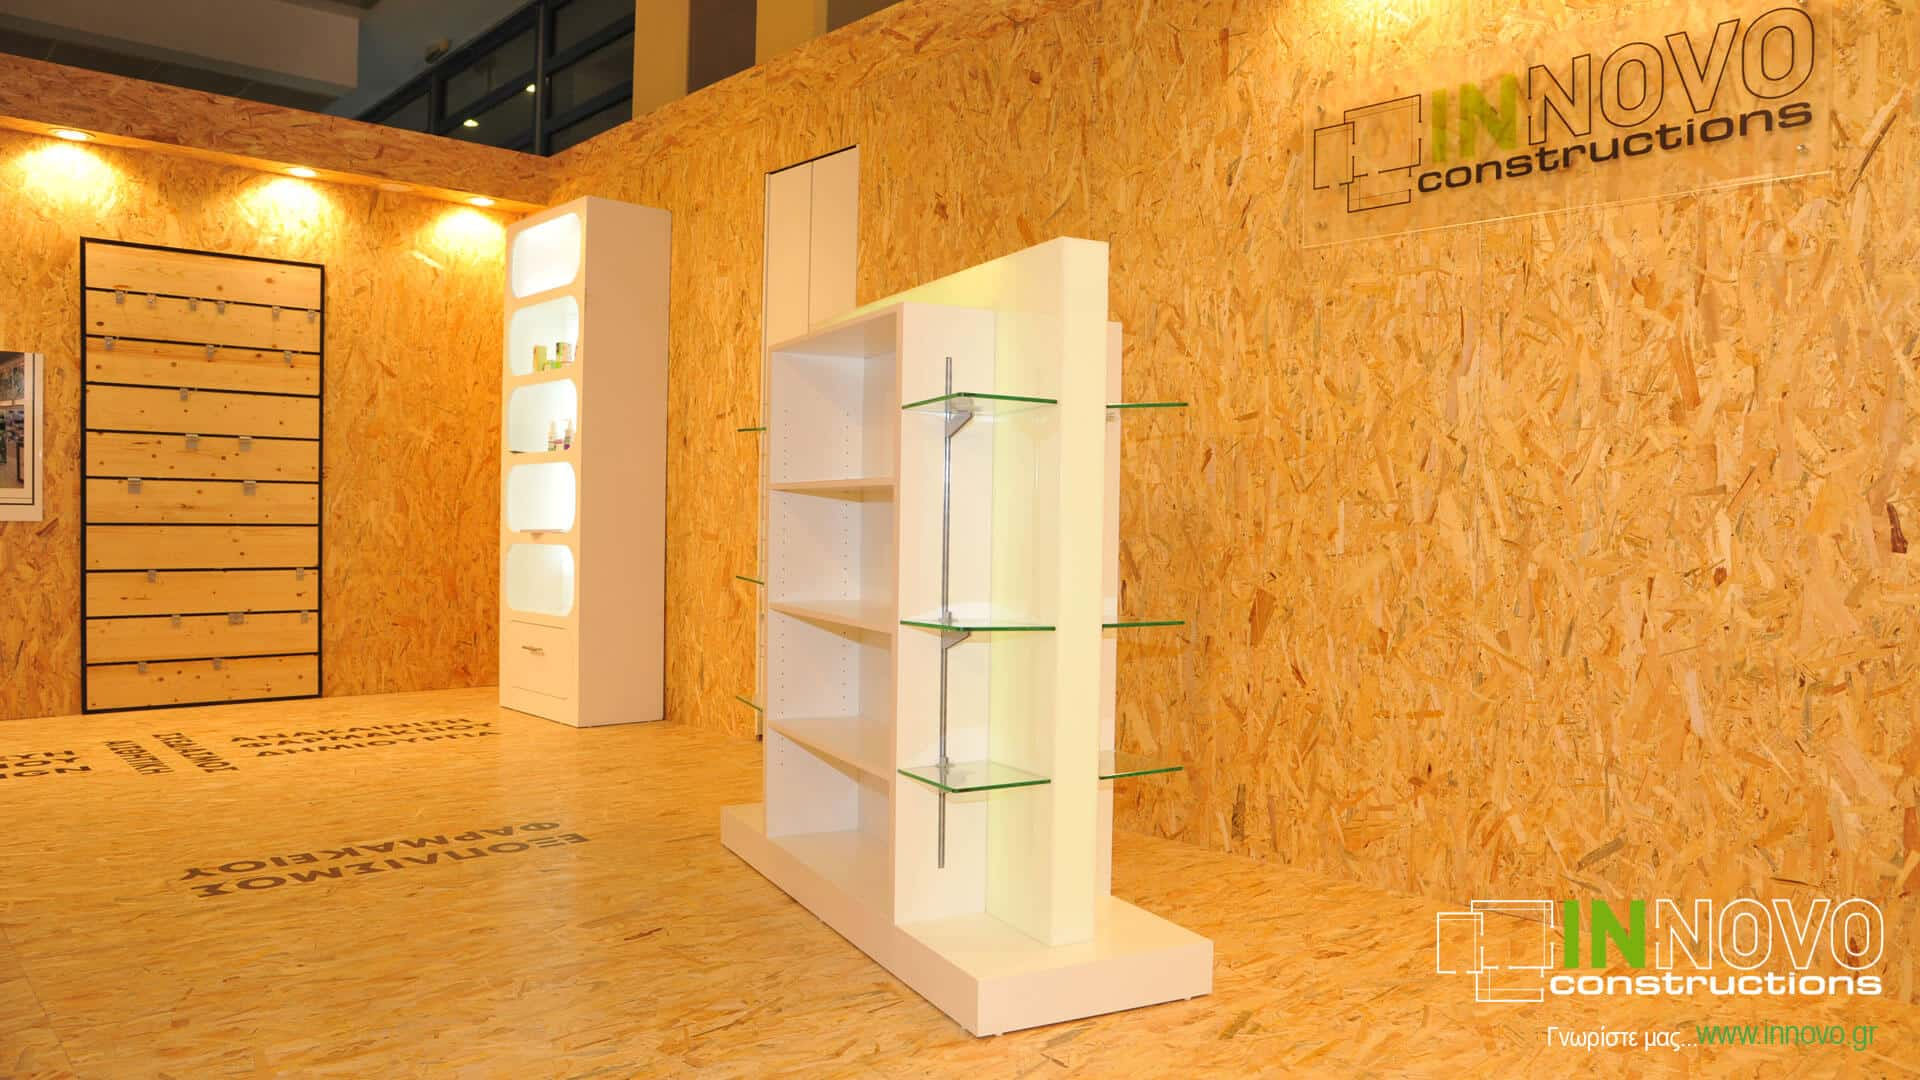 kataskevi-peripterou-exhibition-stand-construction-periptero-mas-hellaspharm2014-6